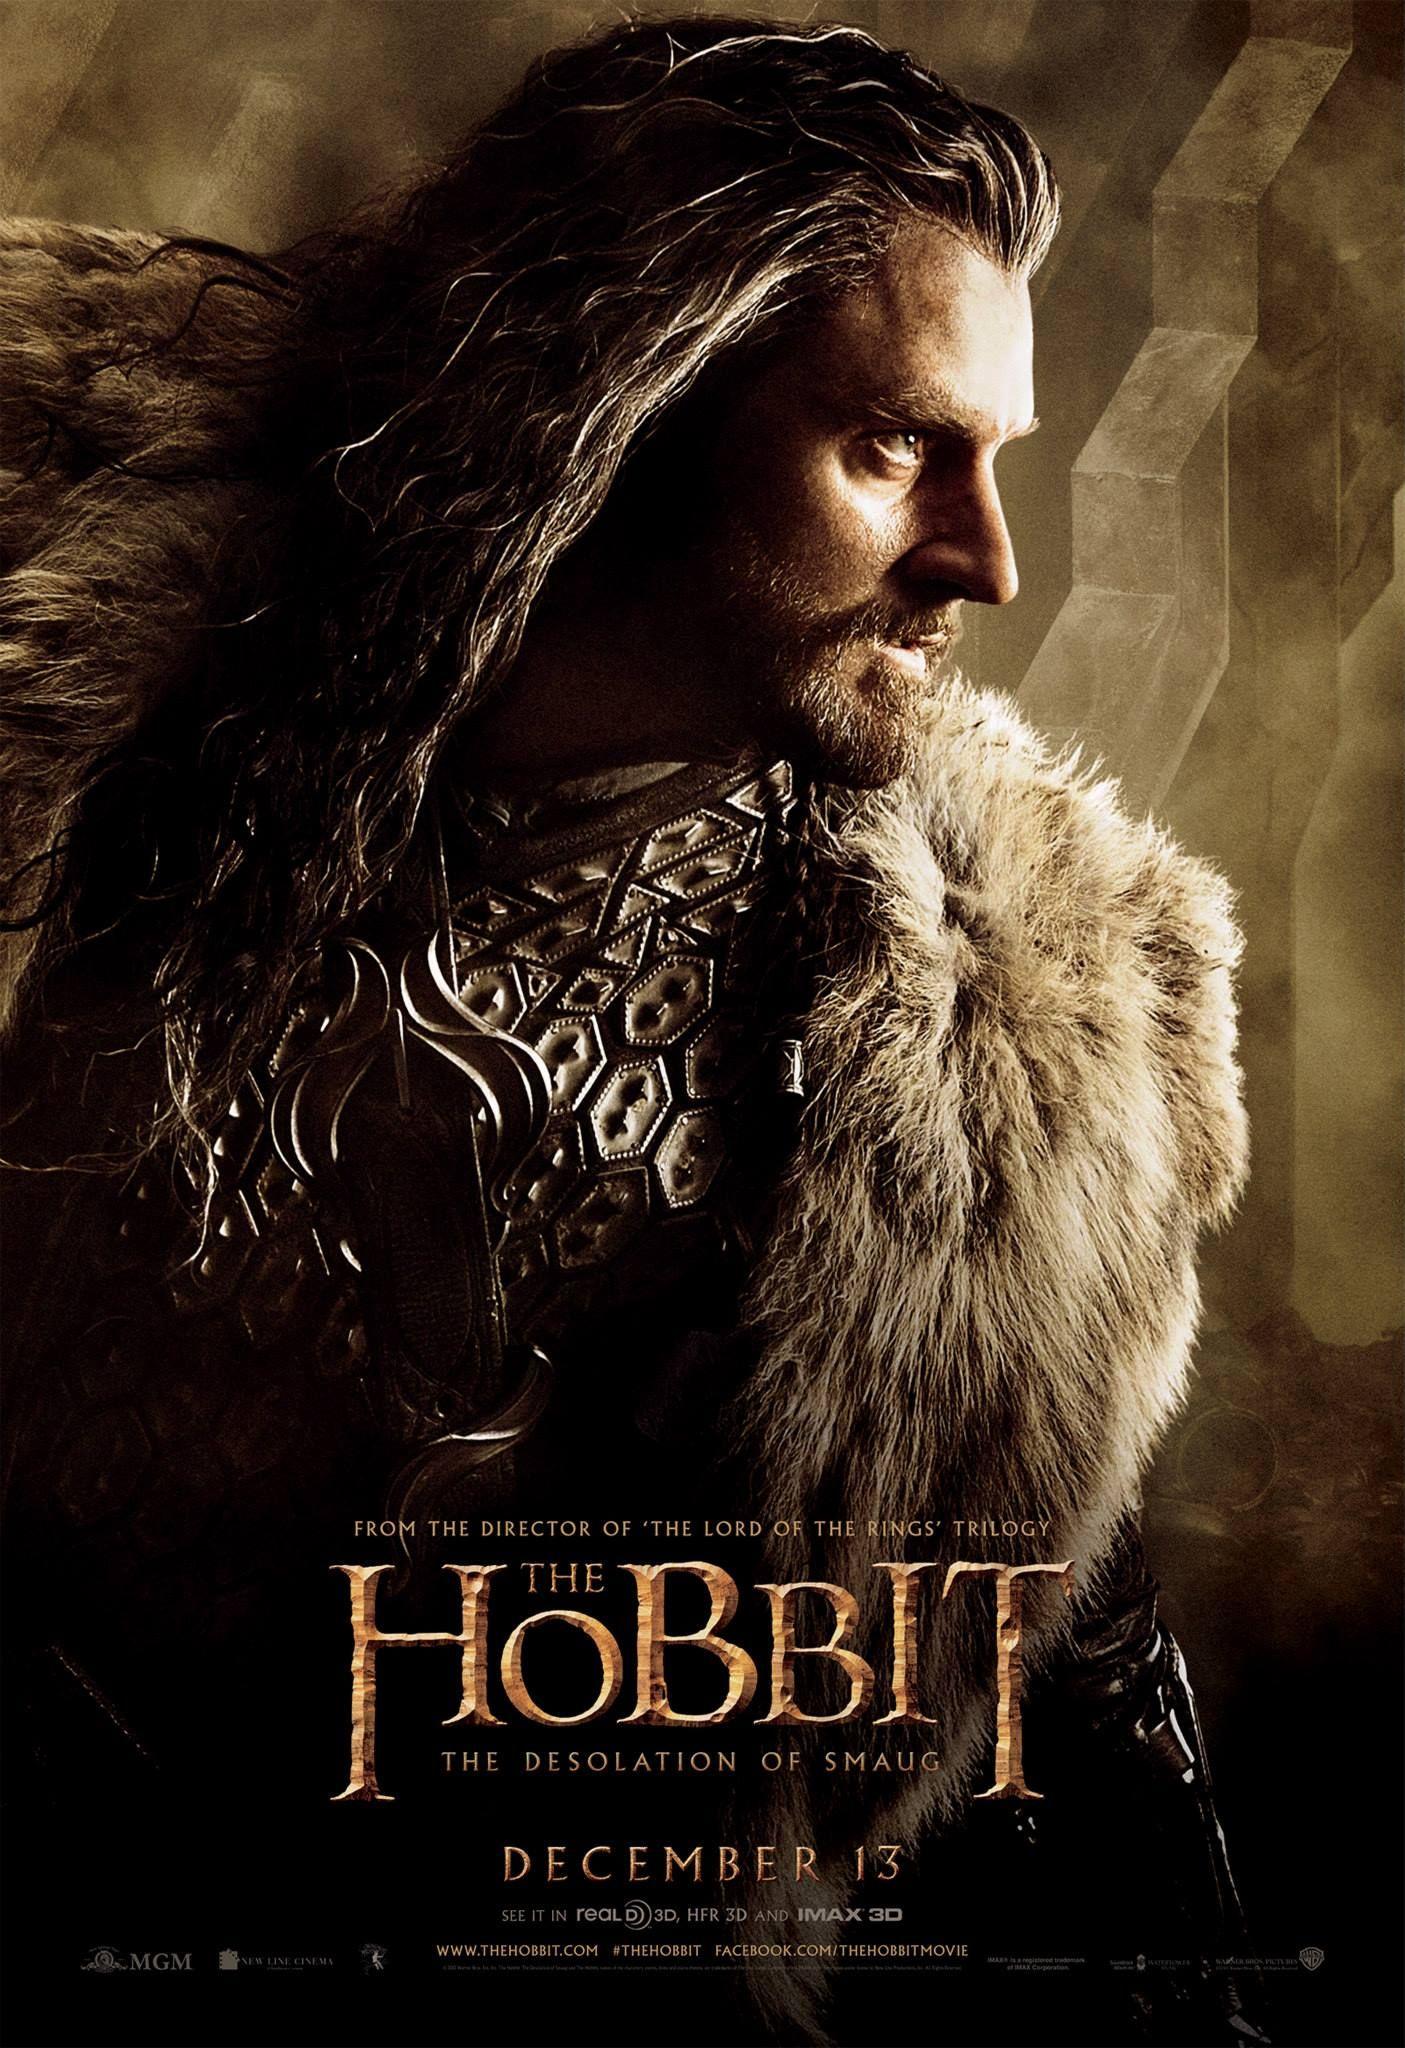 Thorin 03nov13 Jpg 1405 2048 Lo Hobbit Thorin Scudodiquercia Fotografia Di Persone